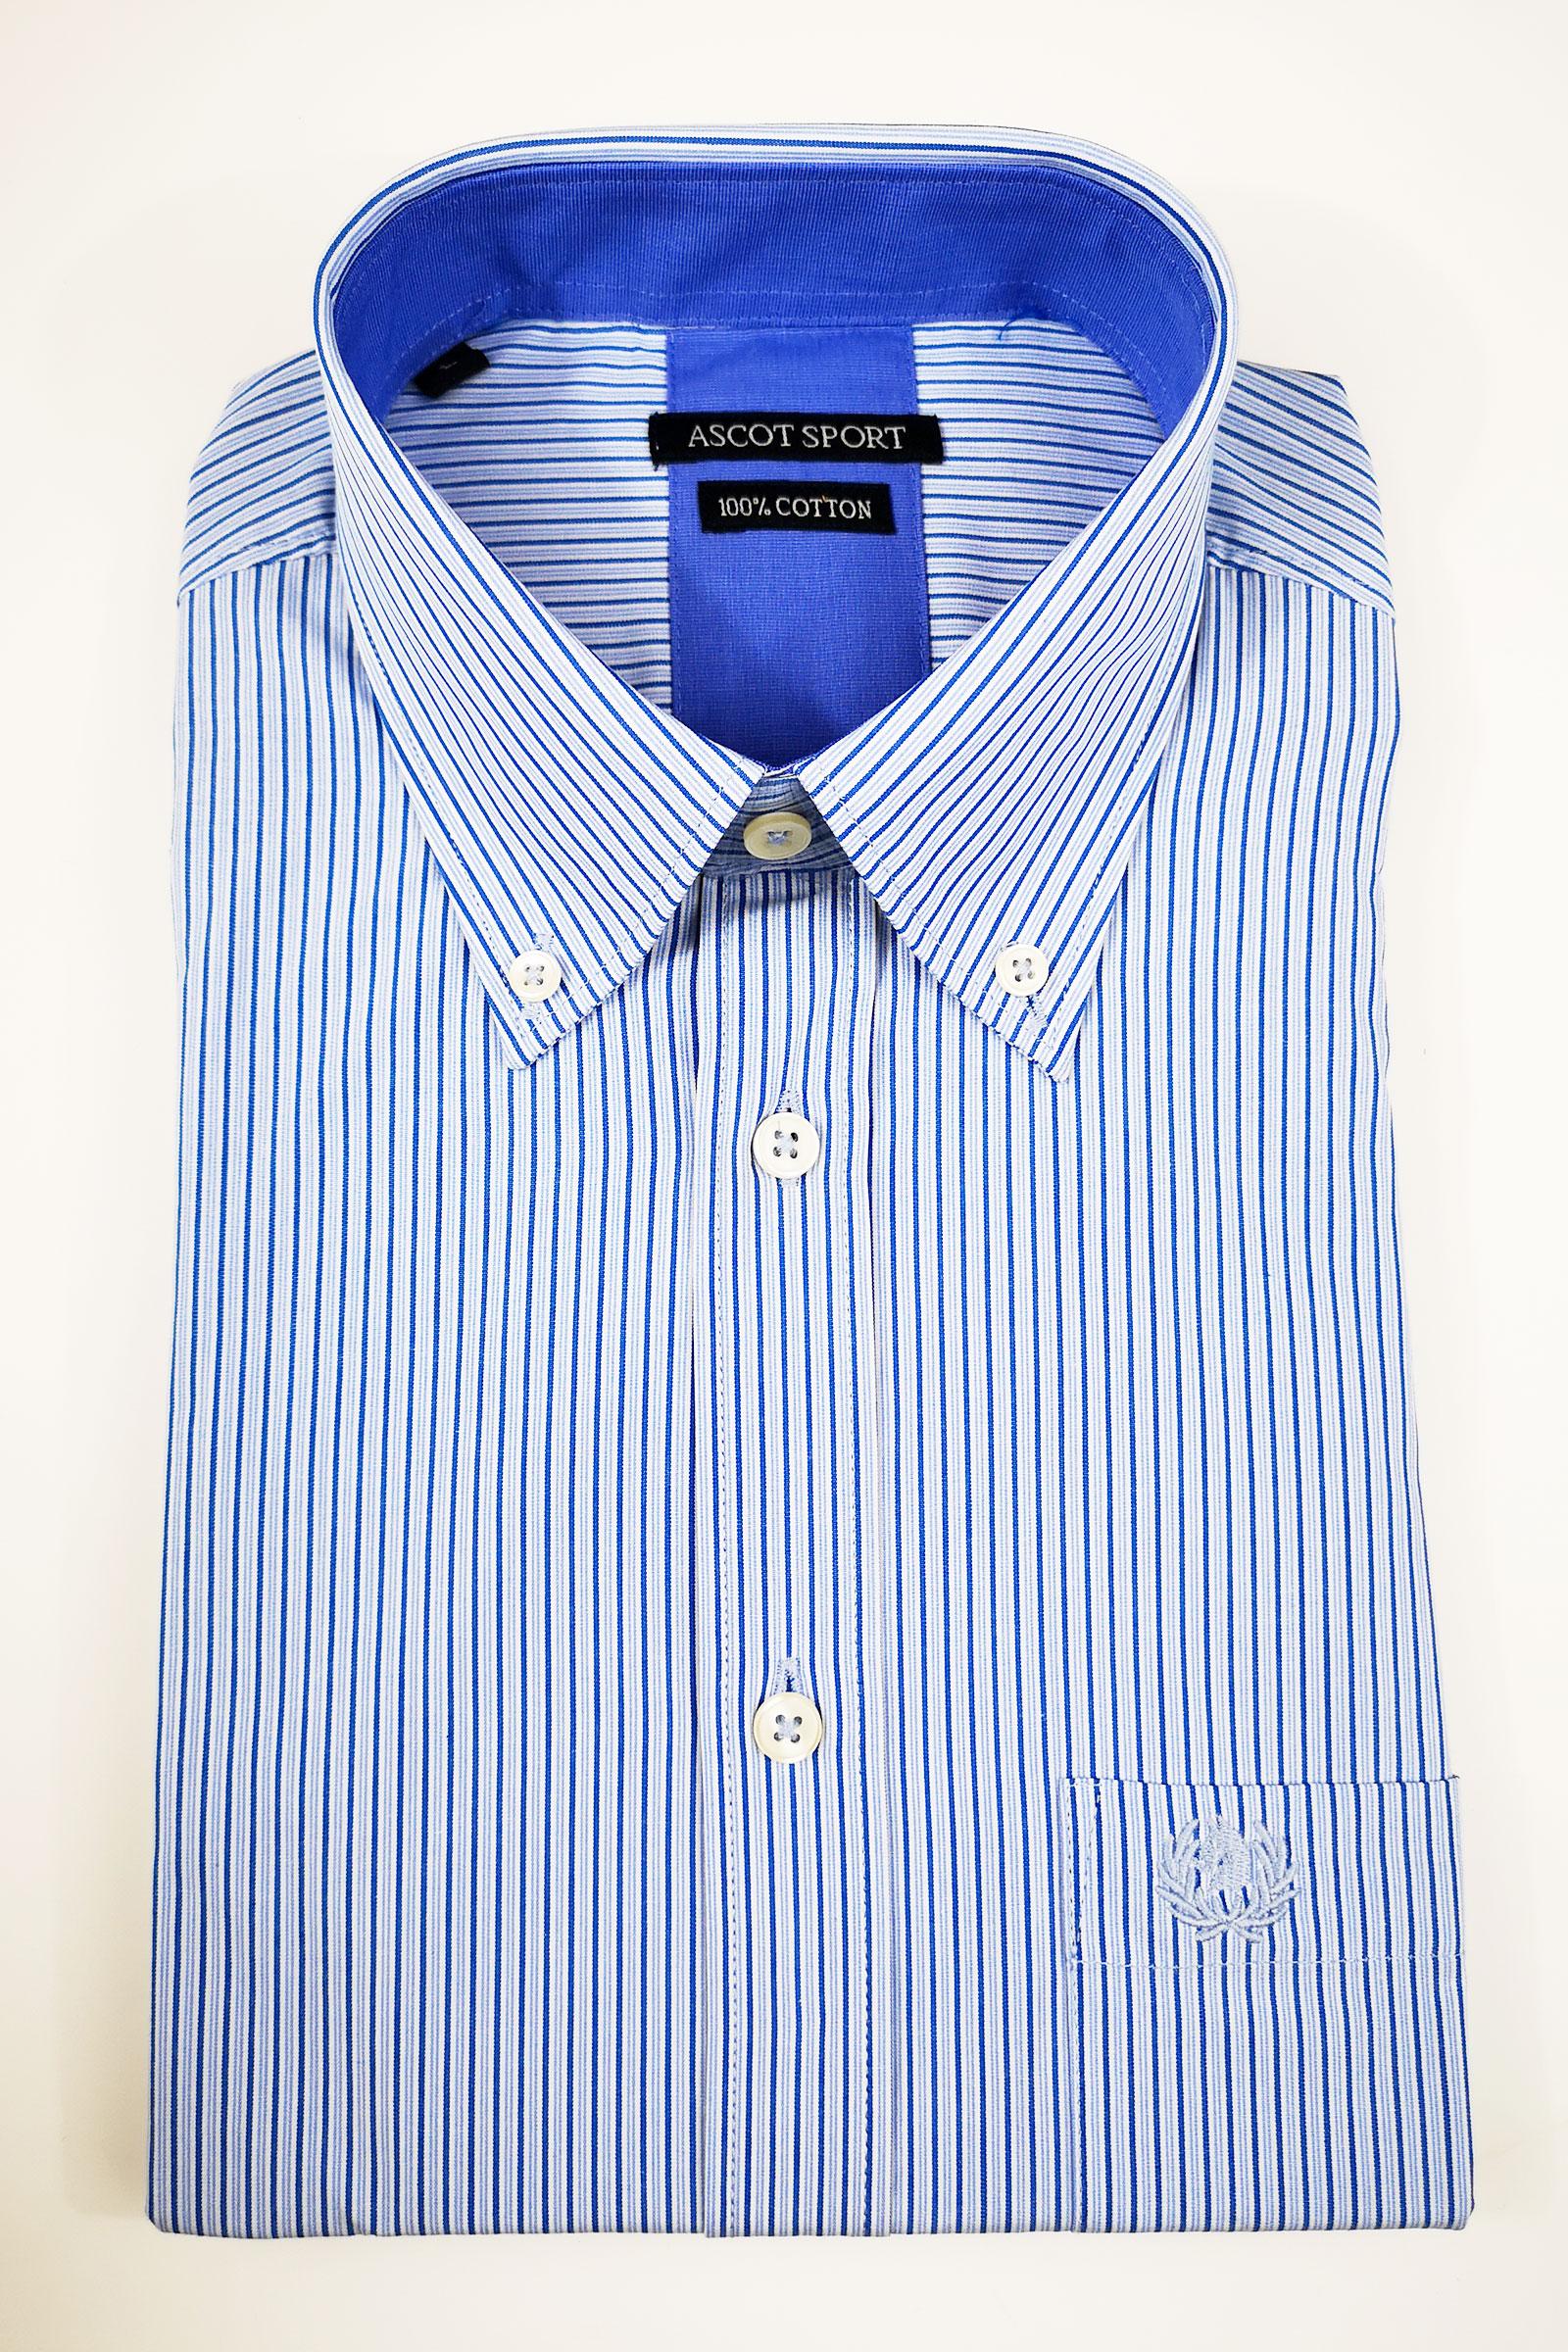 ASCOT Men's Shirt ASCOT | Shirt | ST15773-20414